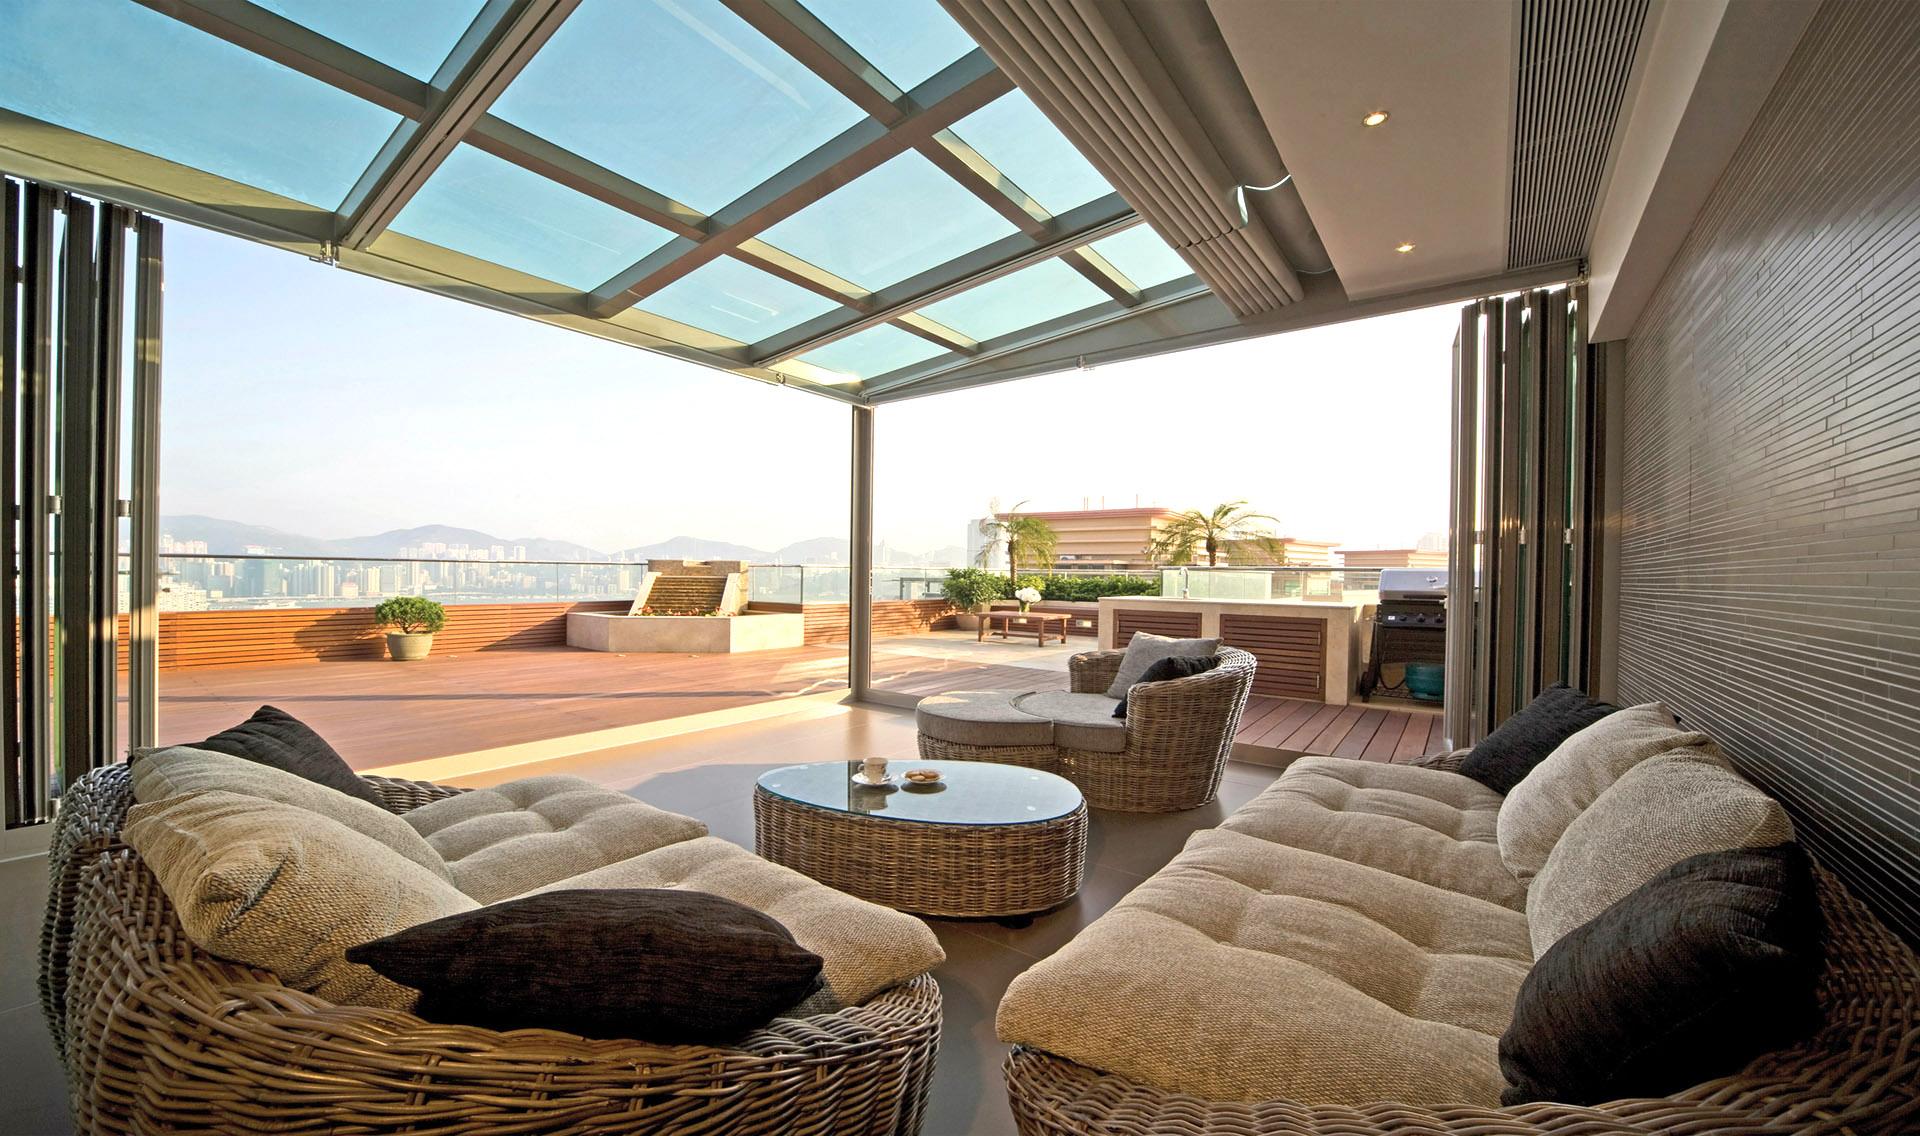 阳光房的设计欣赏 阳光房装修图片